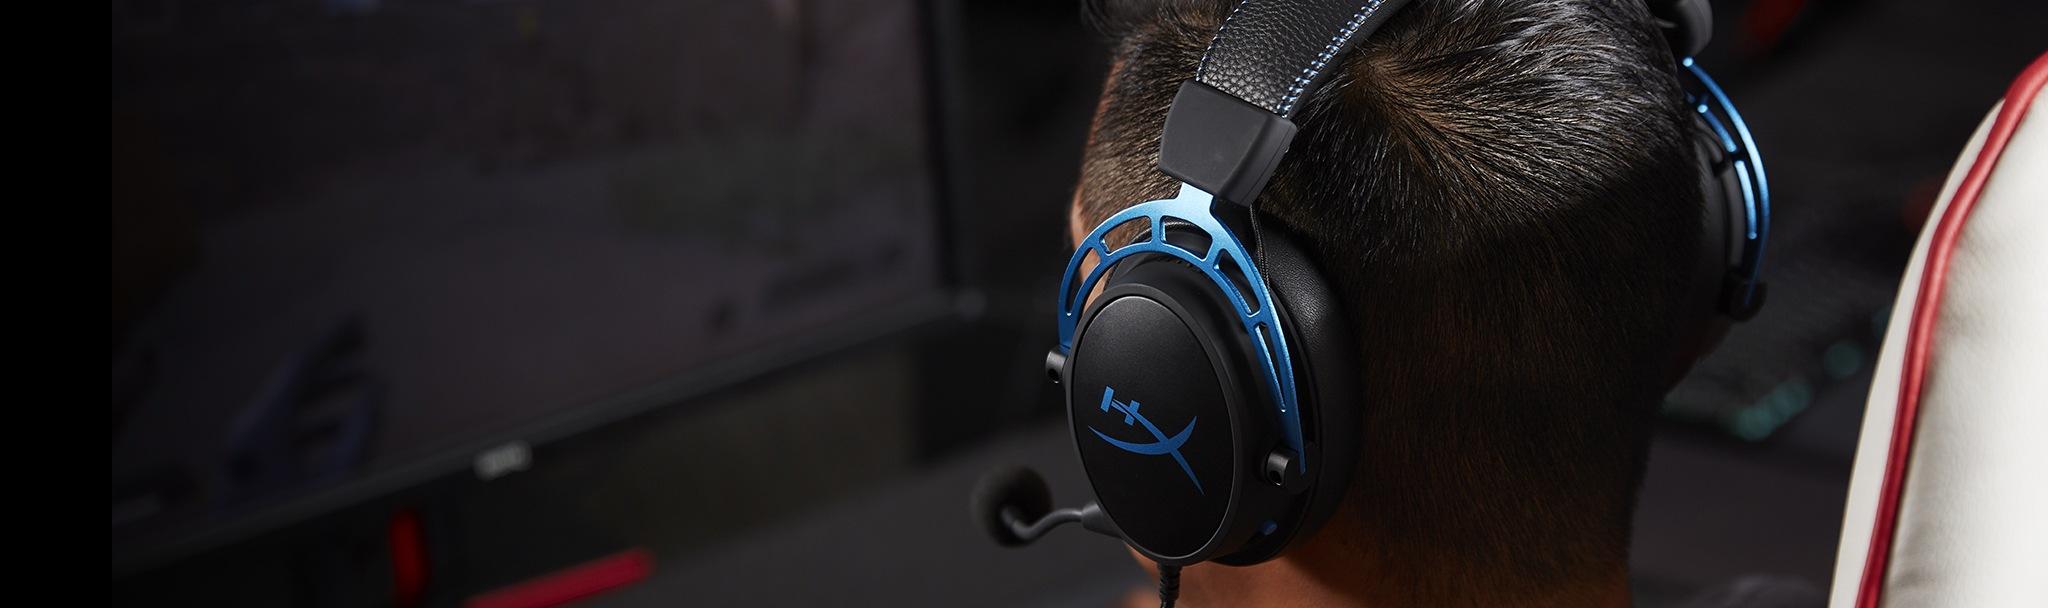 Tai nghe Kingston HyperX Cloud Alpha S Black HX-HSCAS-BK/WW có công nghệ âm thanh vòm 7.1 tiên tiến